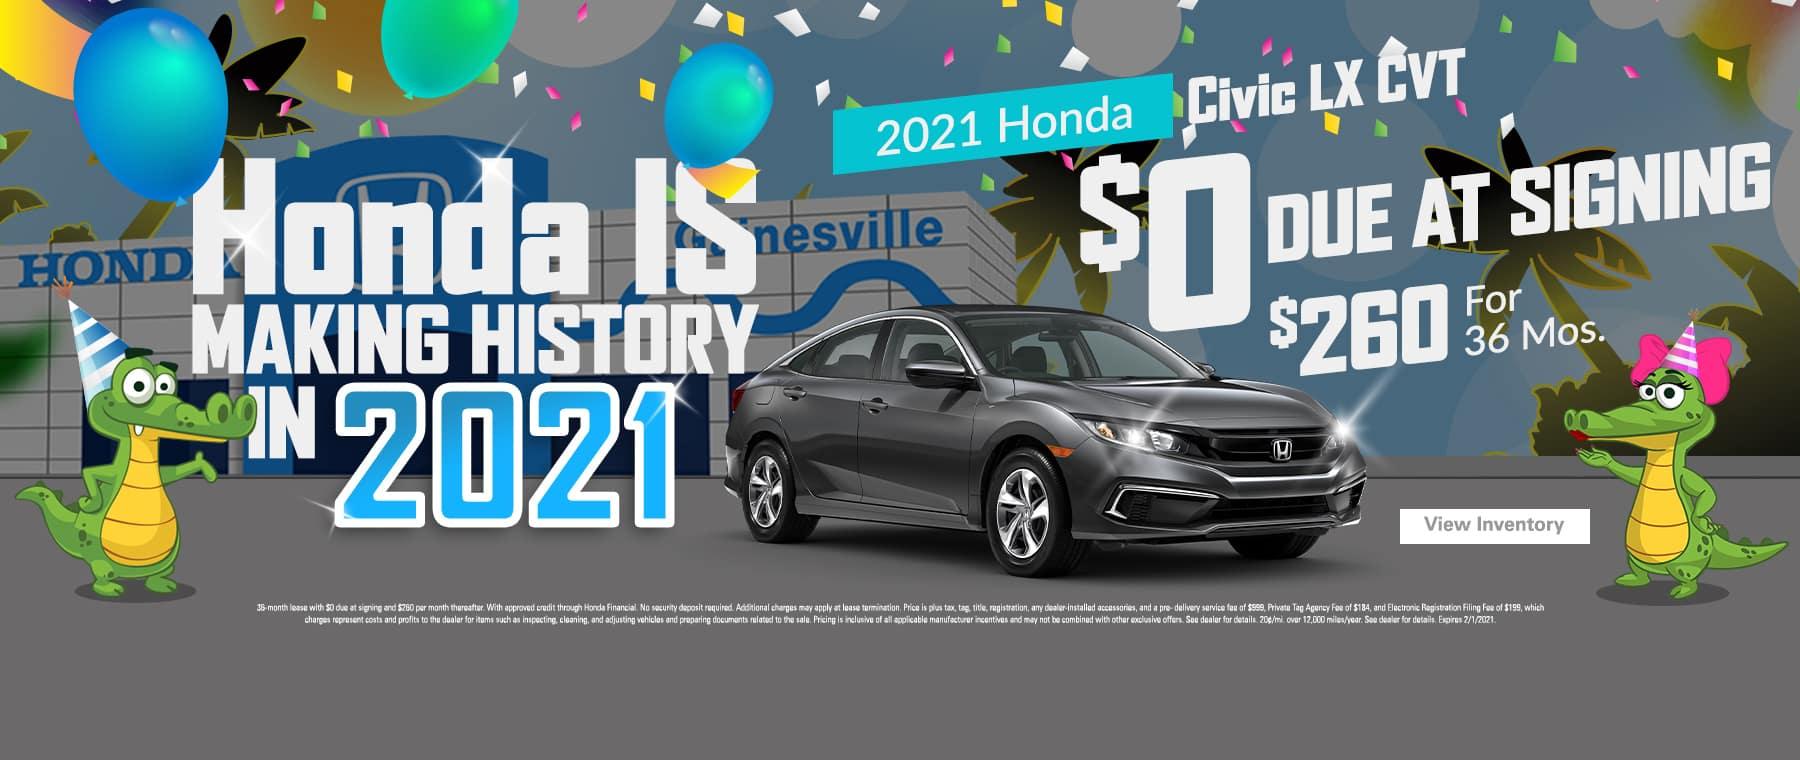 2021 Honda Civic Sedan LX CVT | $0 Due At Signing | $260/Mo For 36 Months